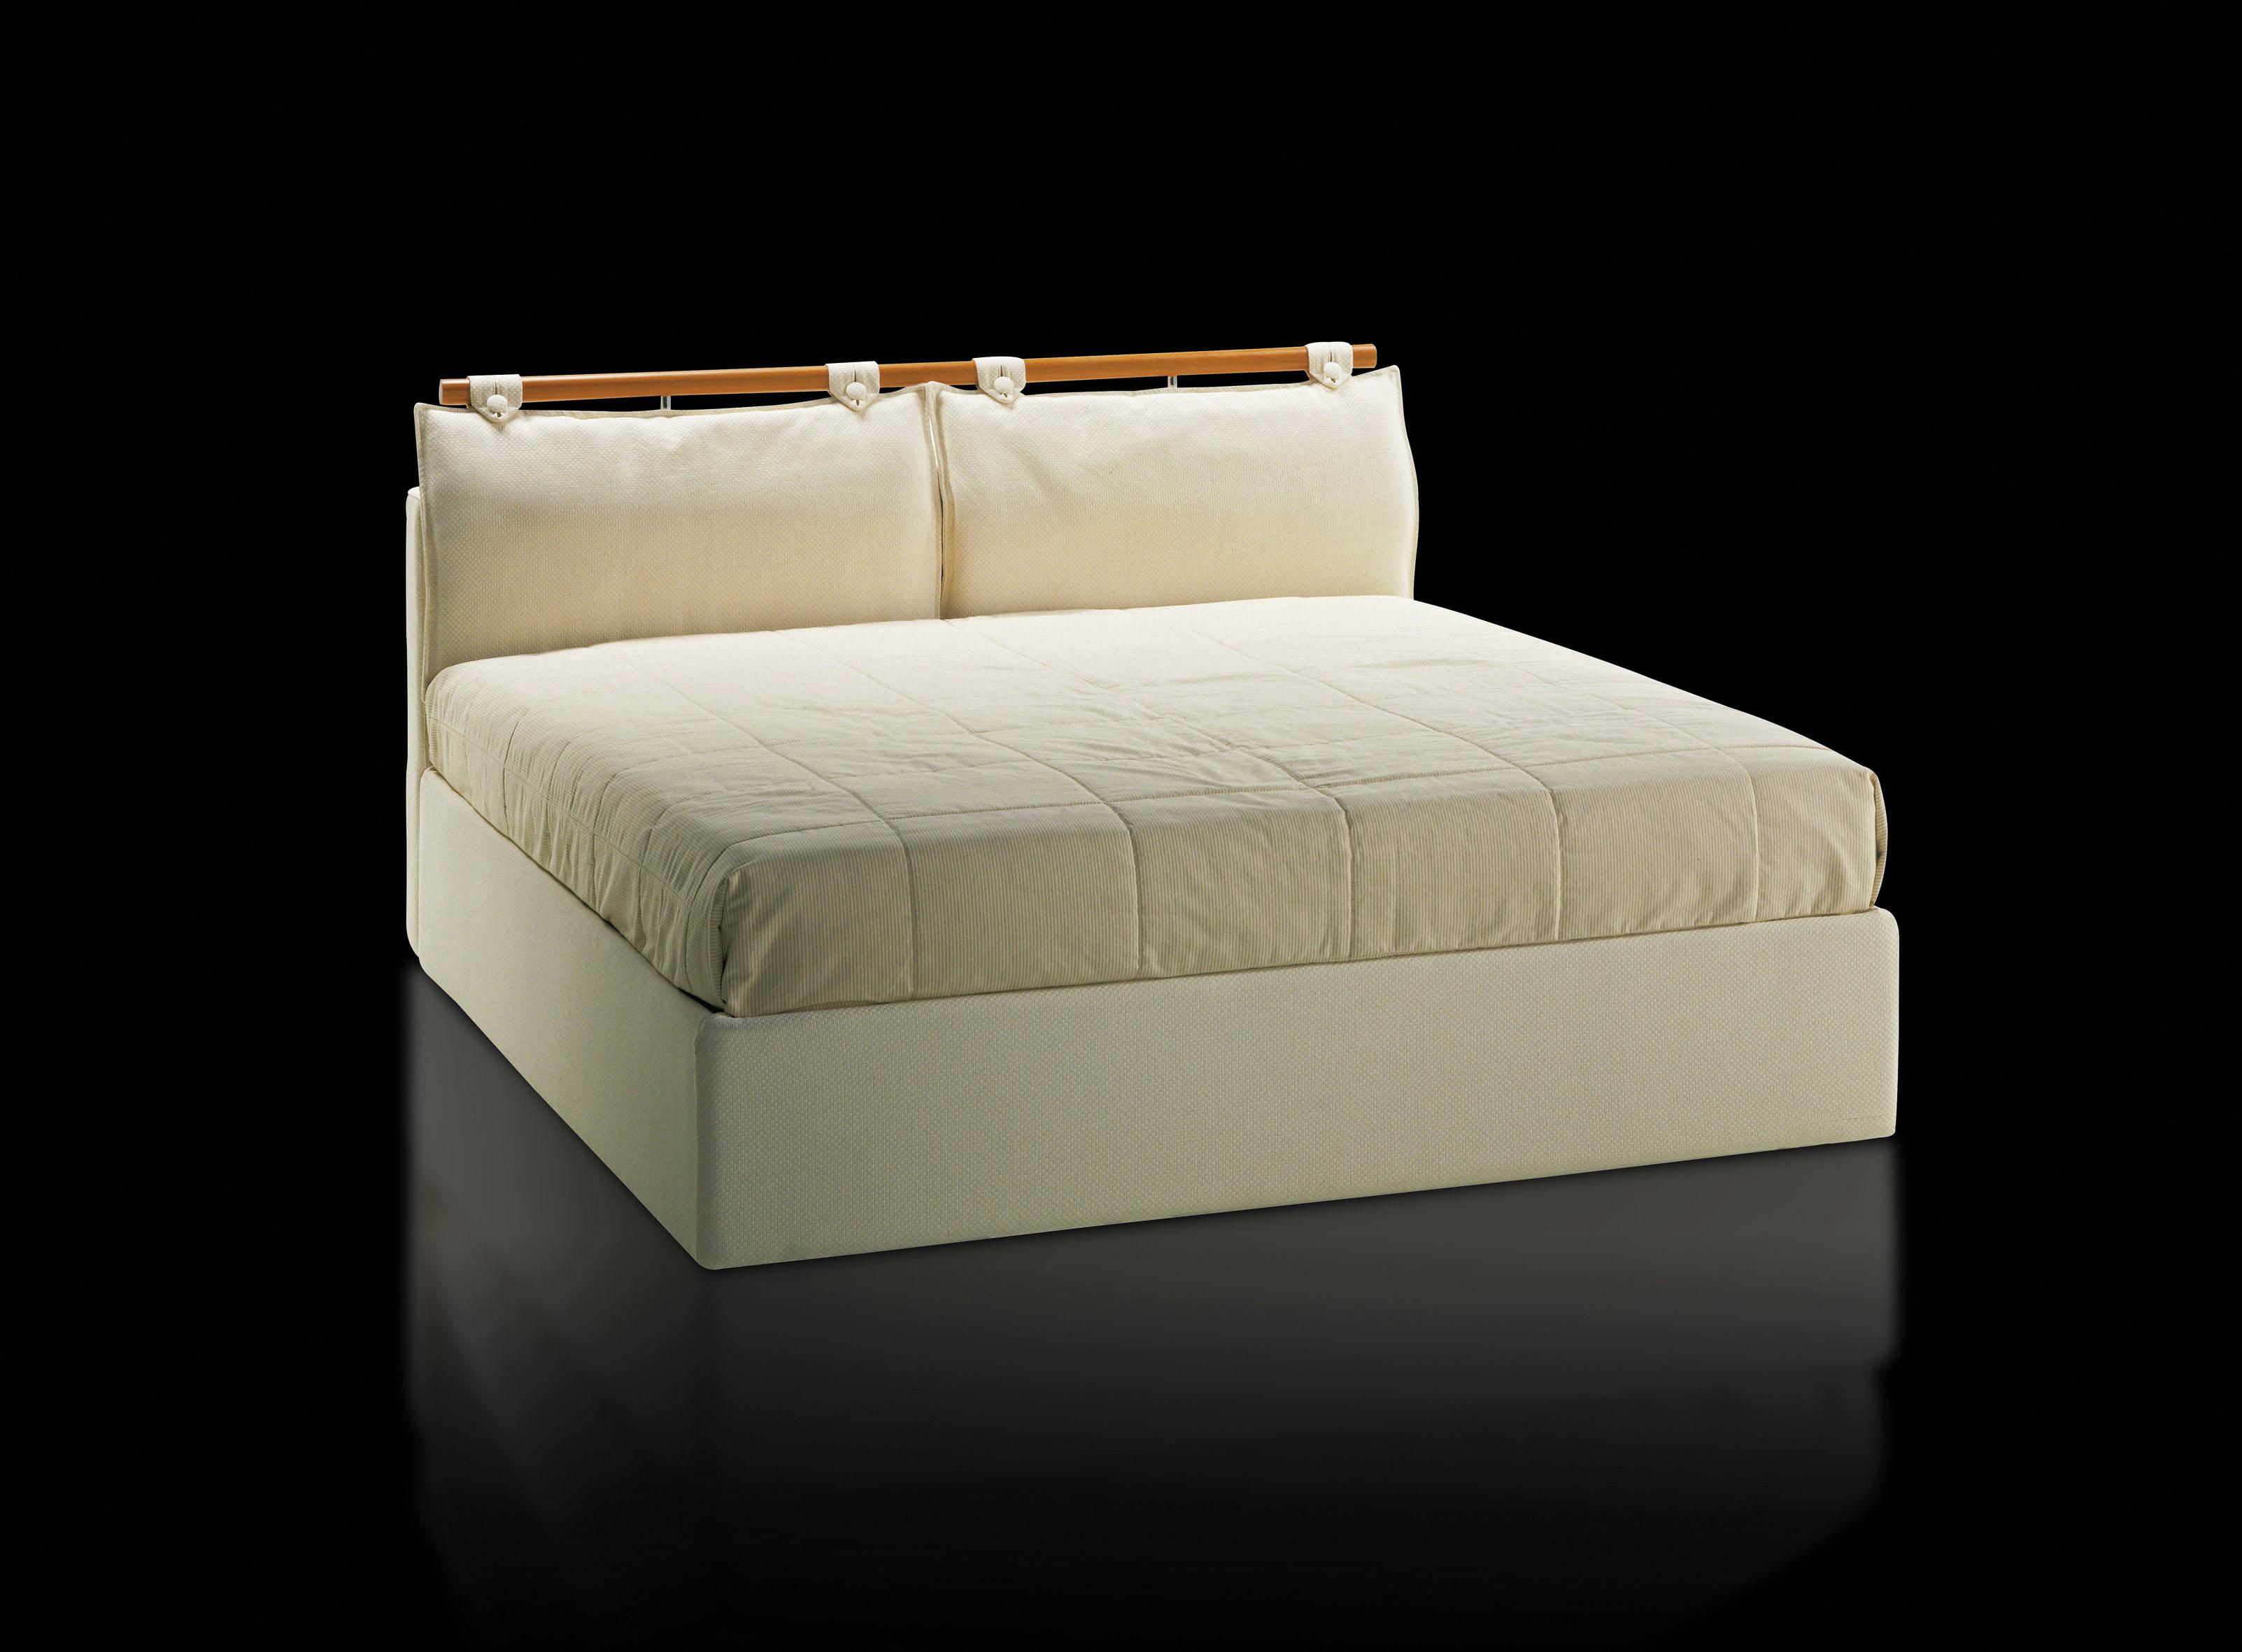 Orione letto imbottito materassi mca - Materassi per poltrone letto ...